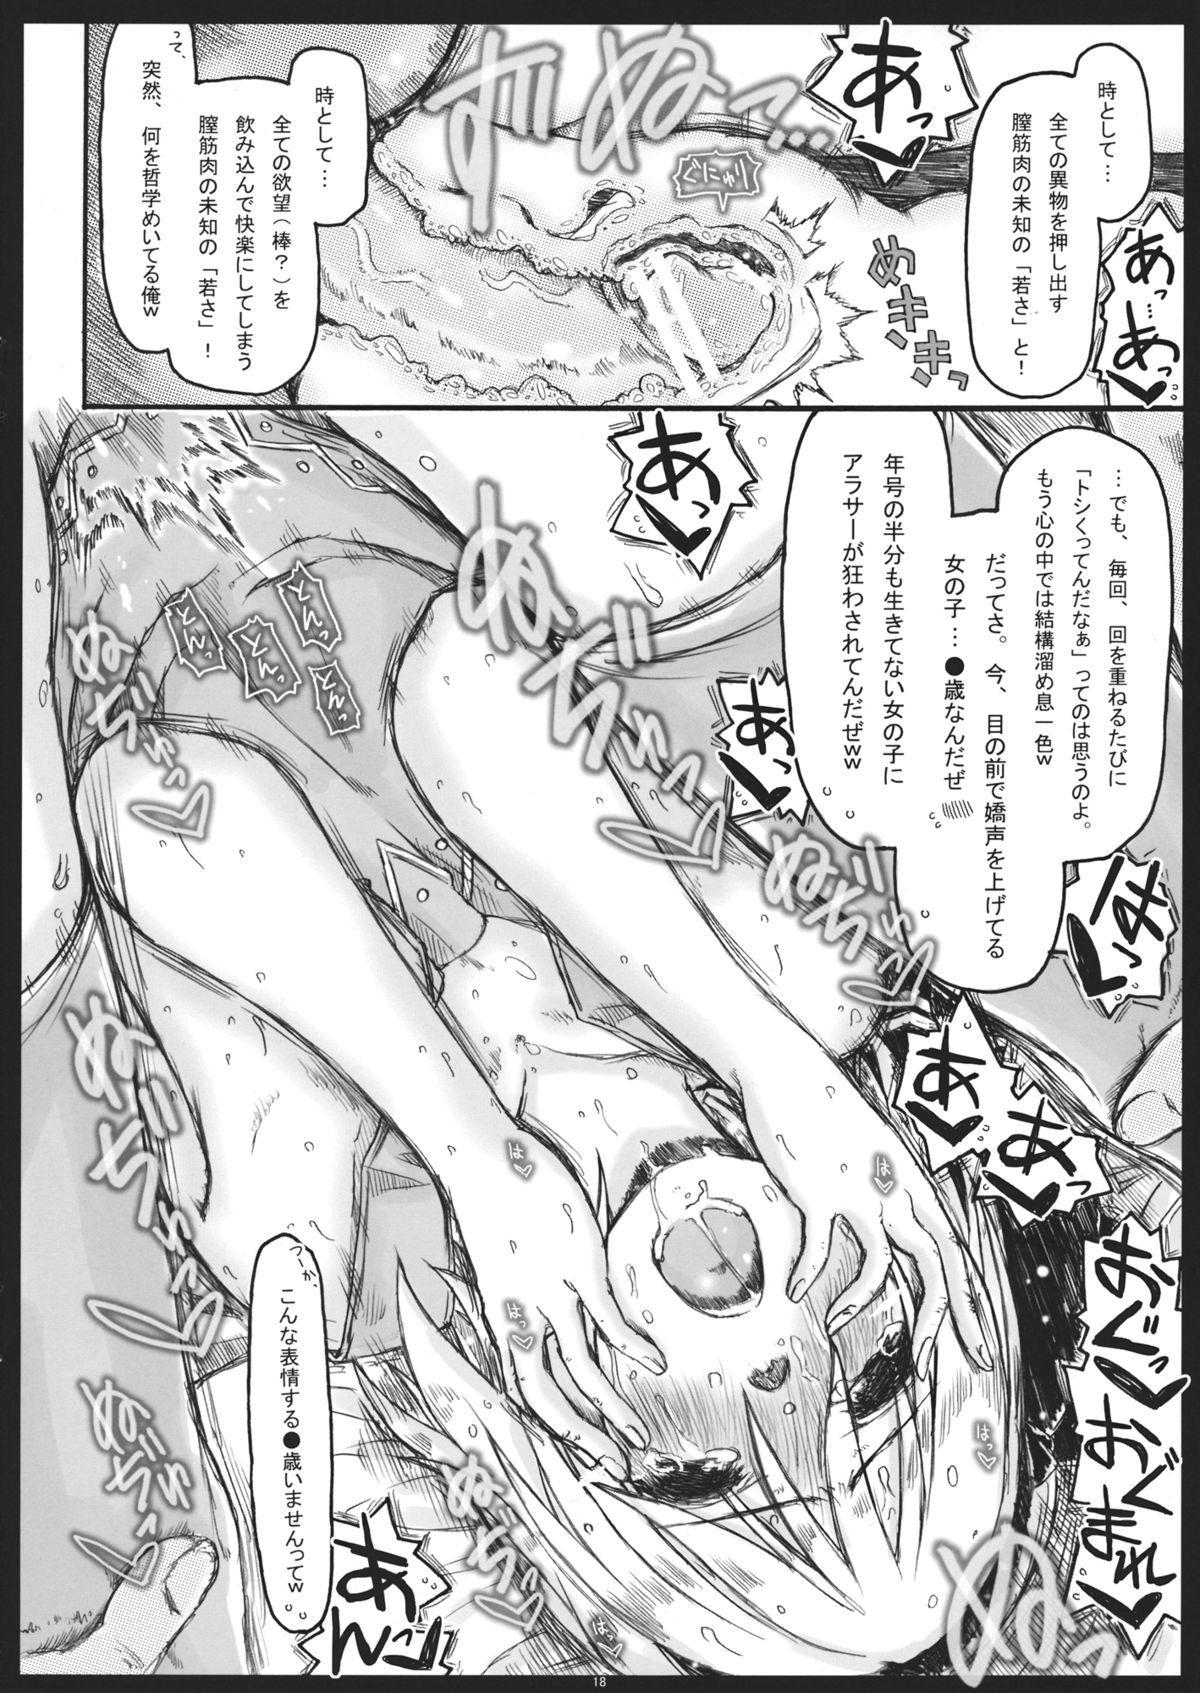 Myon na Kayoizuma 5 Yome, Mui chai mashita. 16